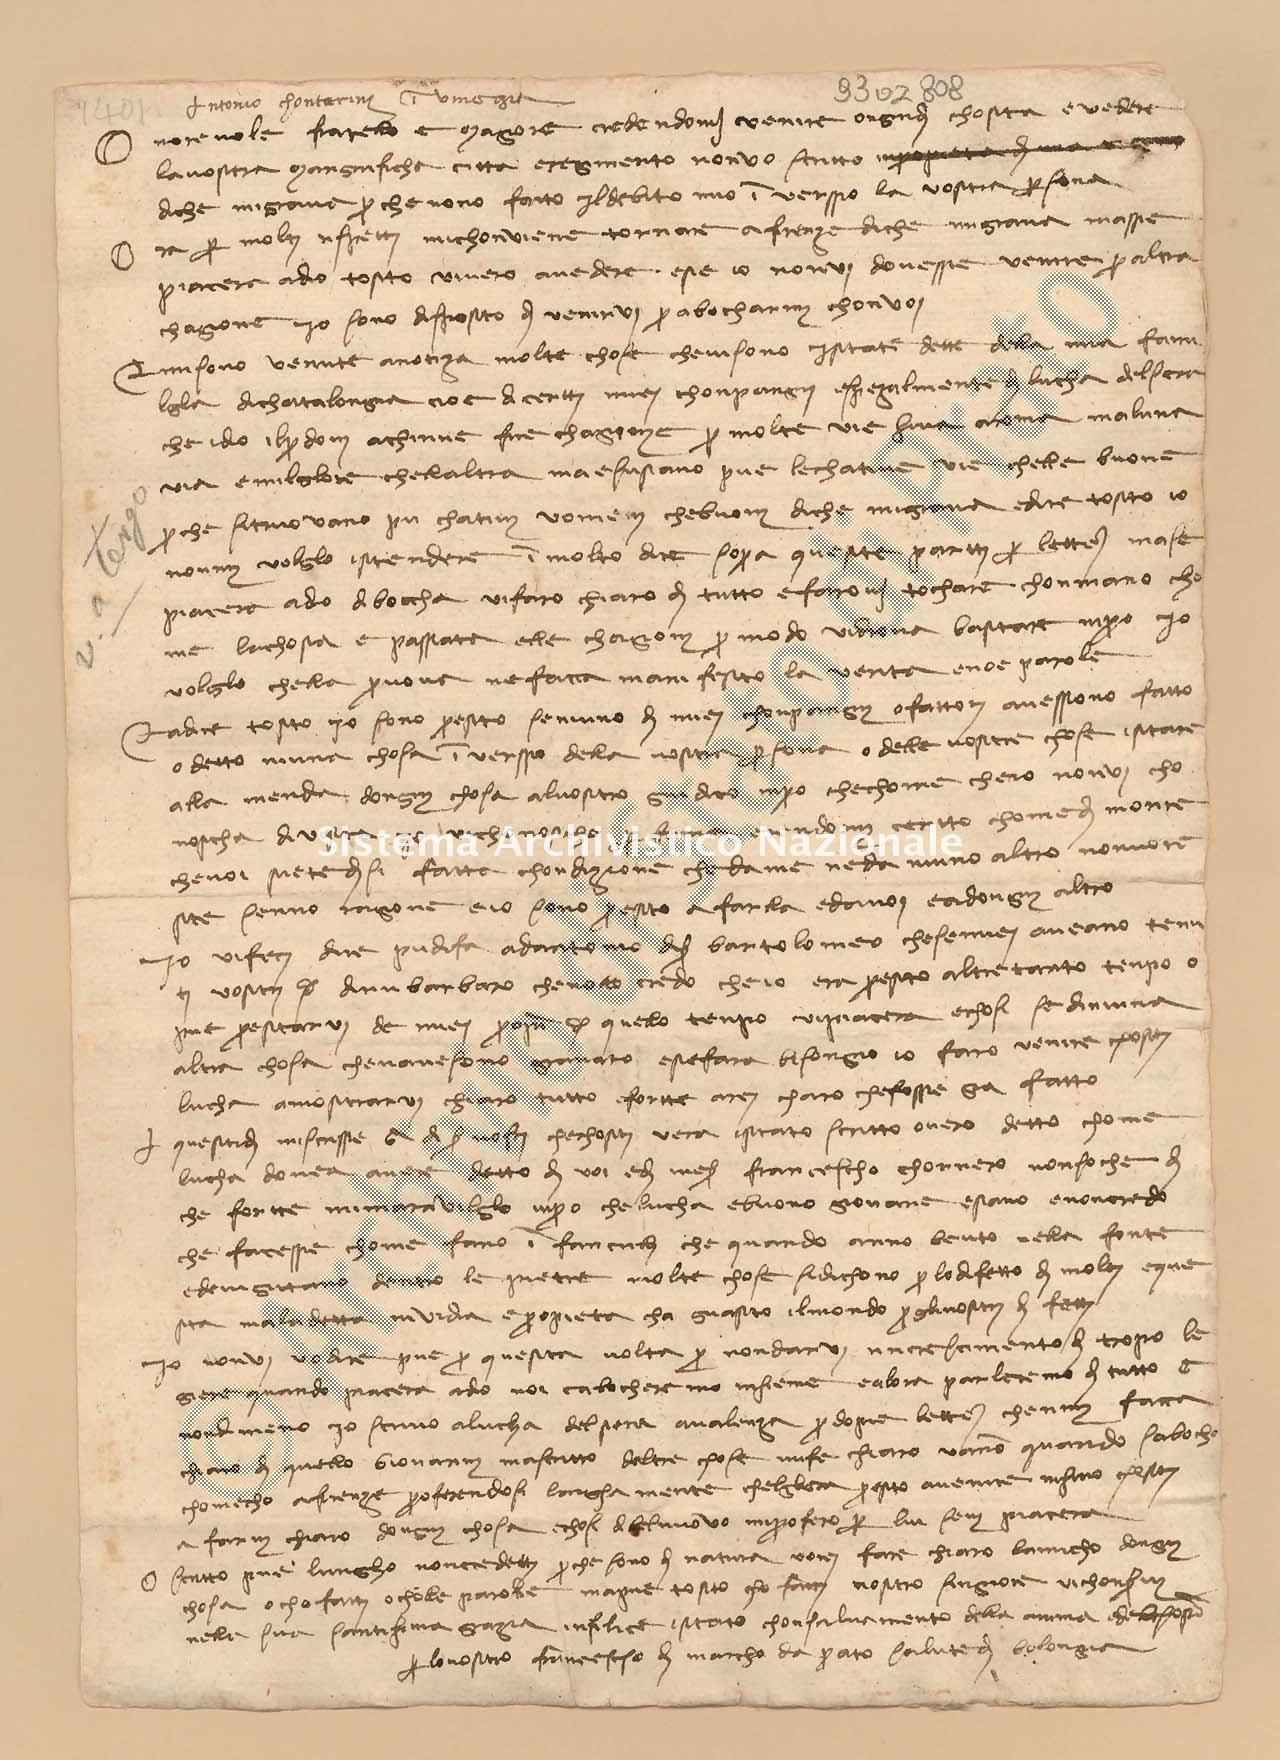 Archivio di Stato di Prato, Fondo Datini, Lettere di Francesco Datini a vari, 1088.01.2 Lettere Di Datini Francesco Di Marco a Contarini Antonio Di Messer Marino Di San Pantaleone (o San Felisse) (busta 1088.01, inserto 2, codice 9302808)